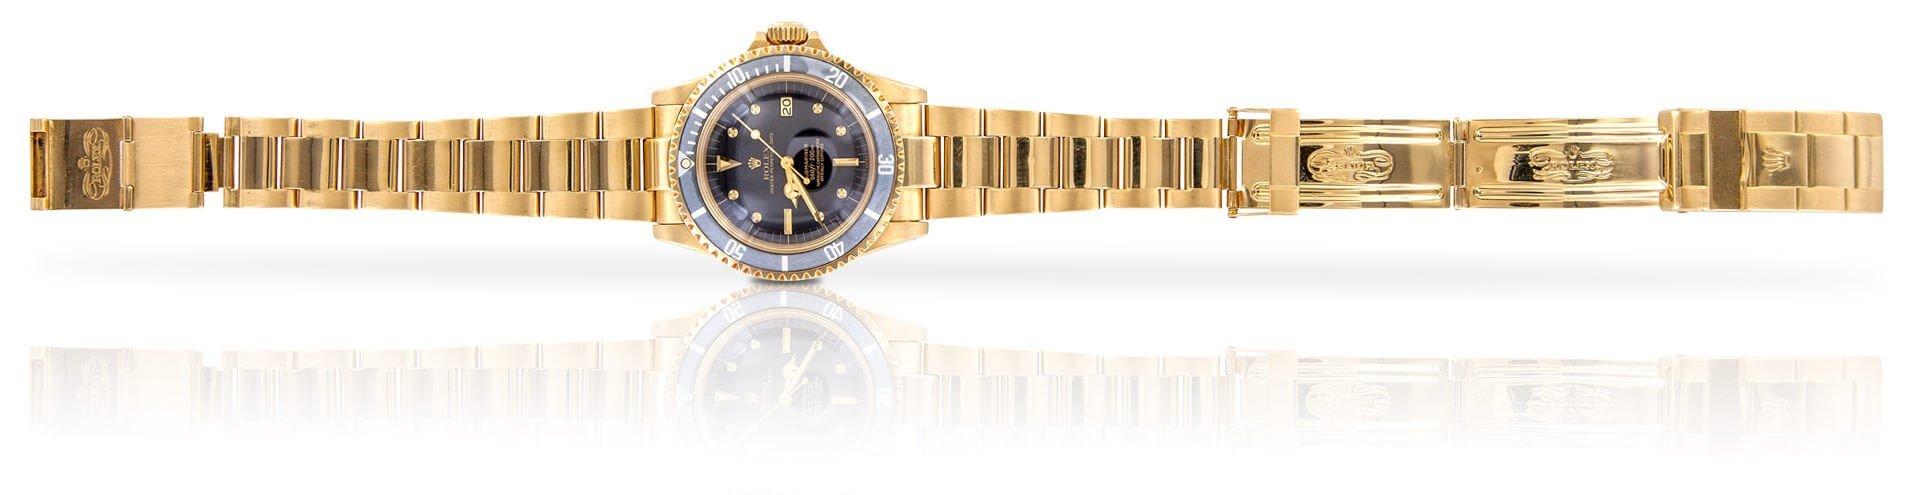 Uhren Schmuck gold lange Gerade liegend gold